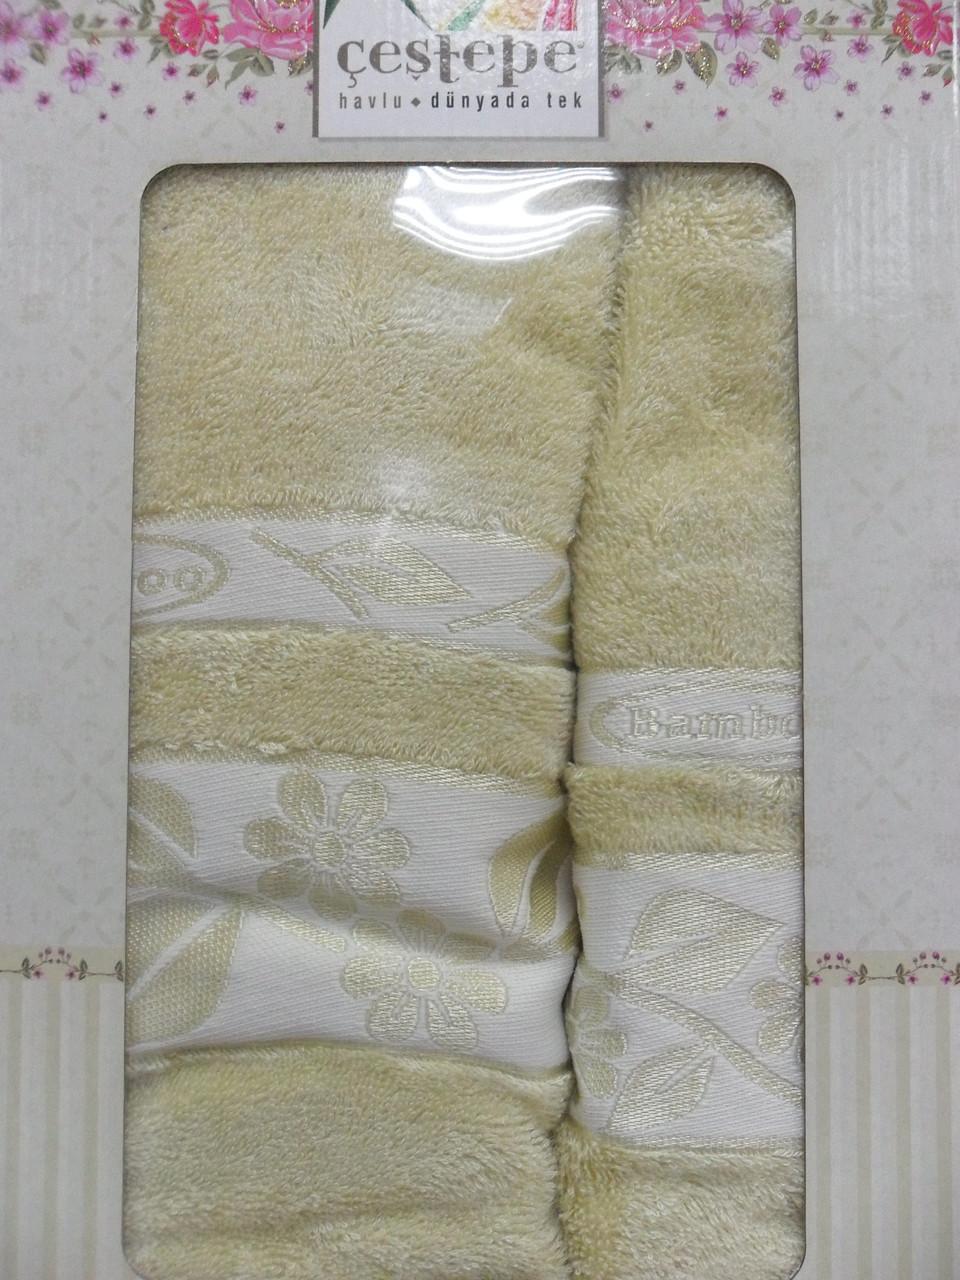 Набор полотенец для лица и тела Cestepe Bamboo 50*90 см + 70*140 см бамбуковые банные в коробке 2шт